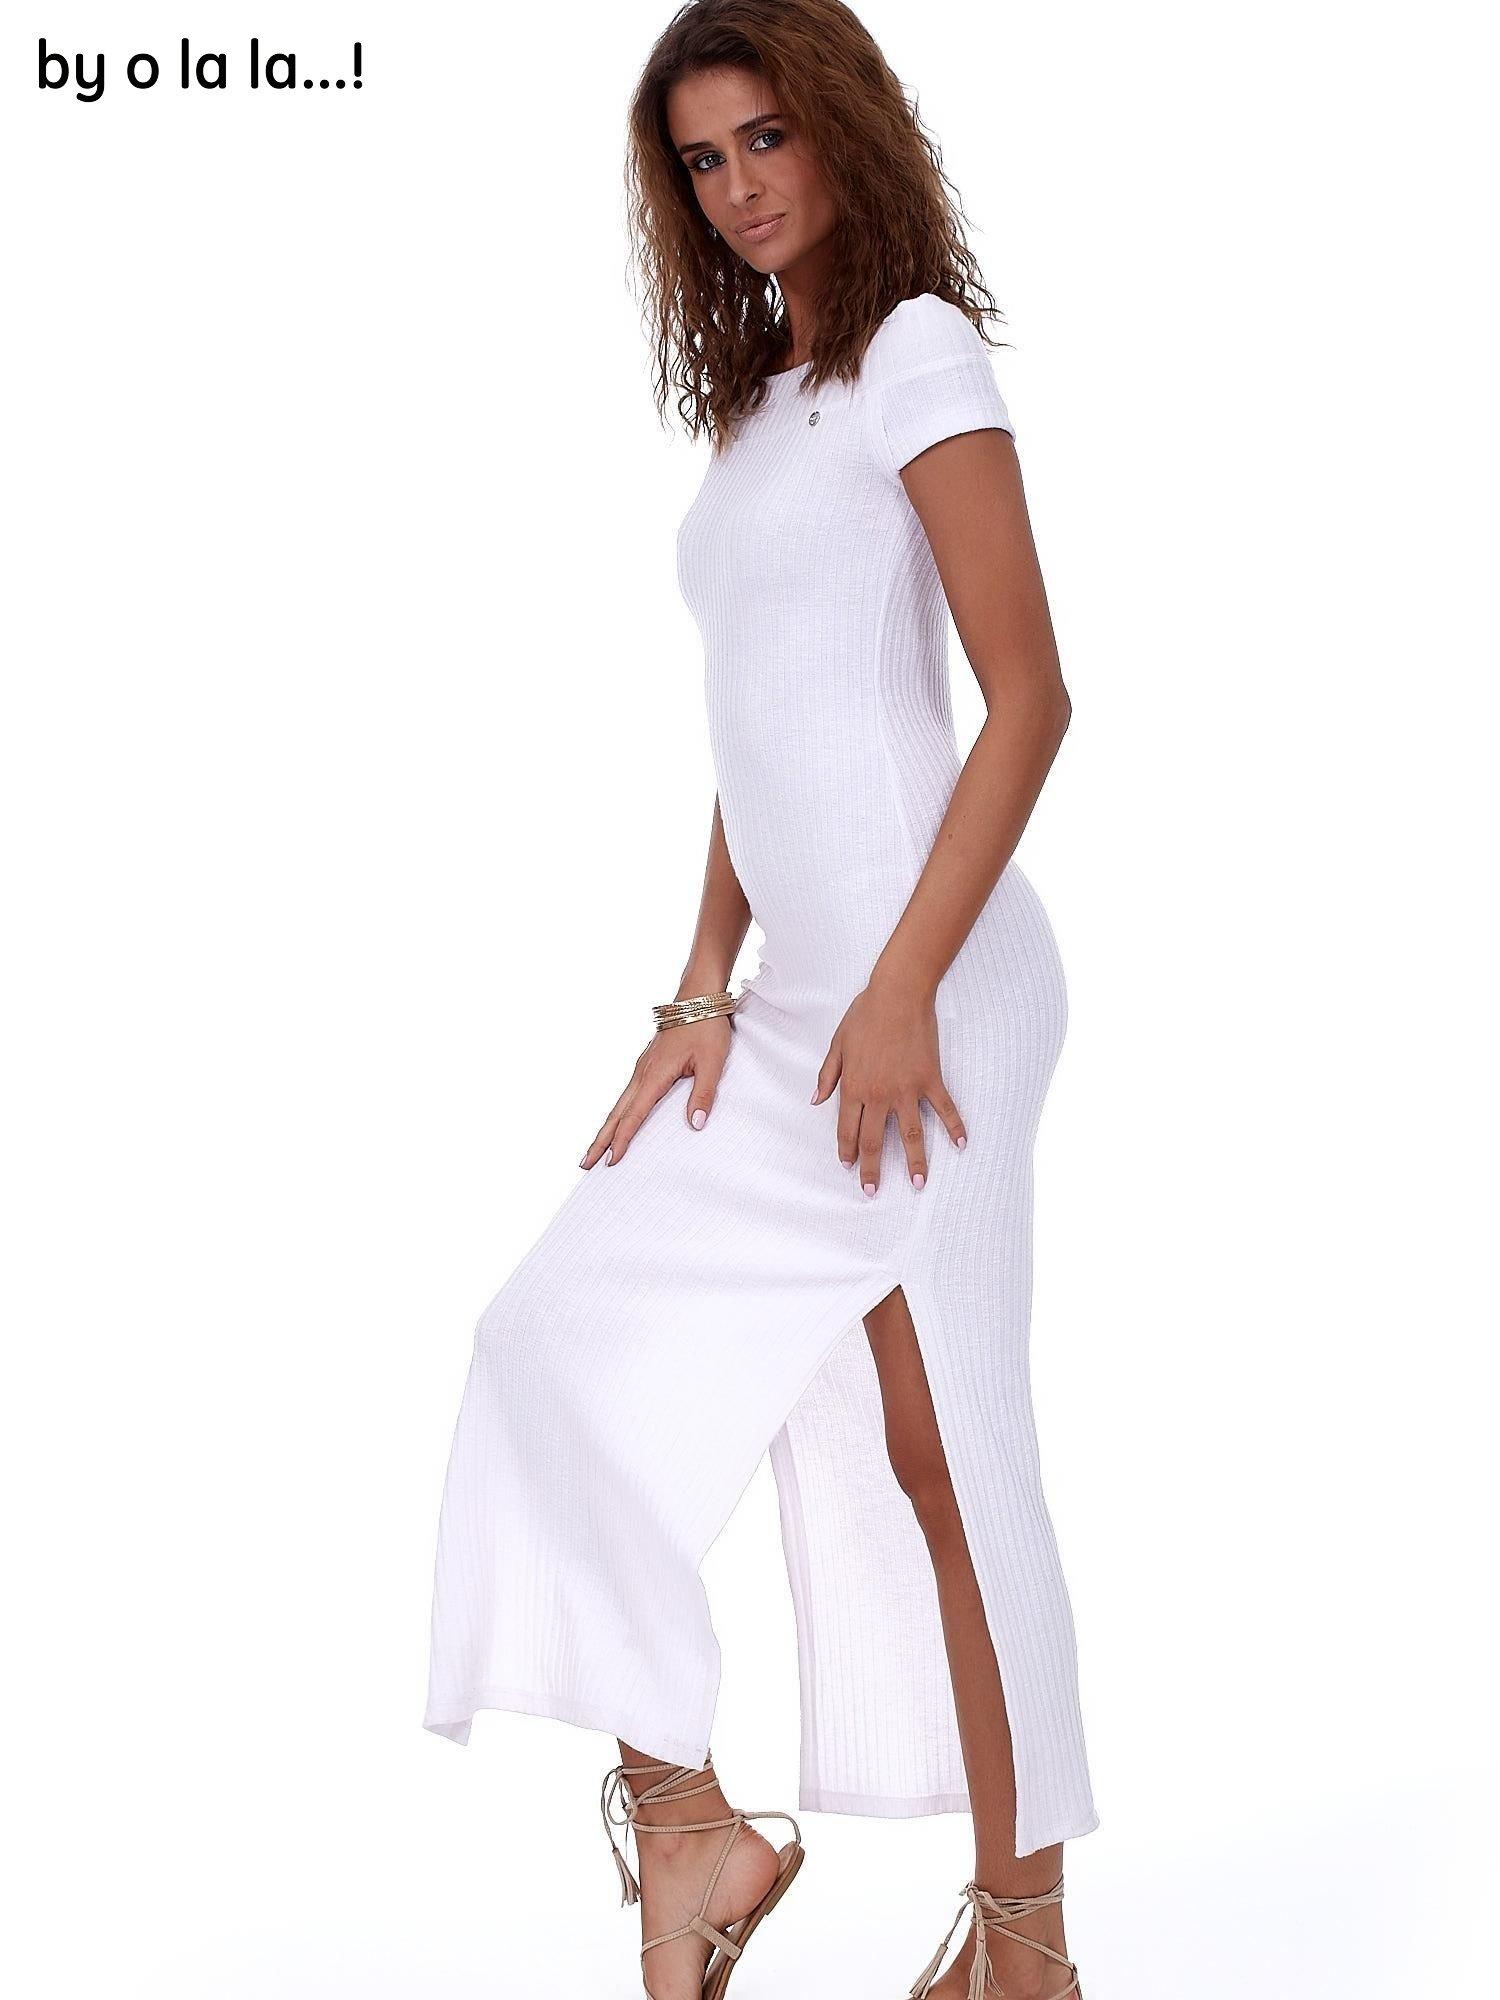 e173c0a2a8 Sukienka biała maxi w prążek BY O LA LA - Sukienka dzianinowa ...